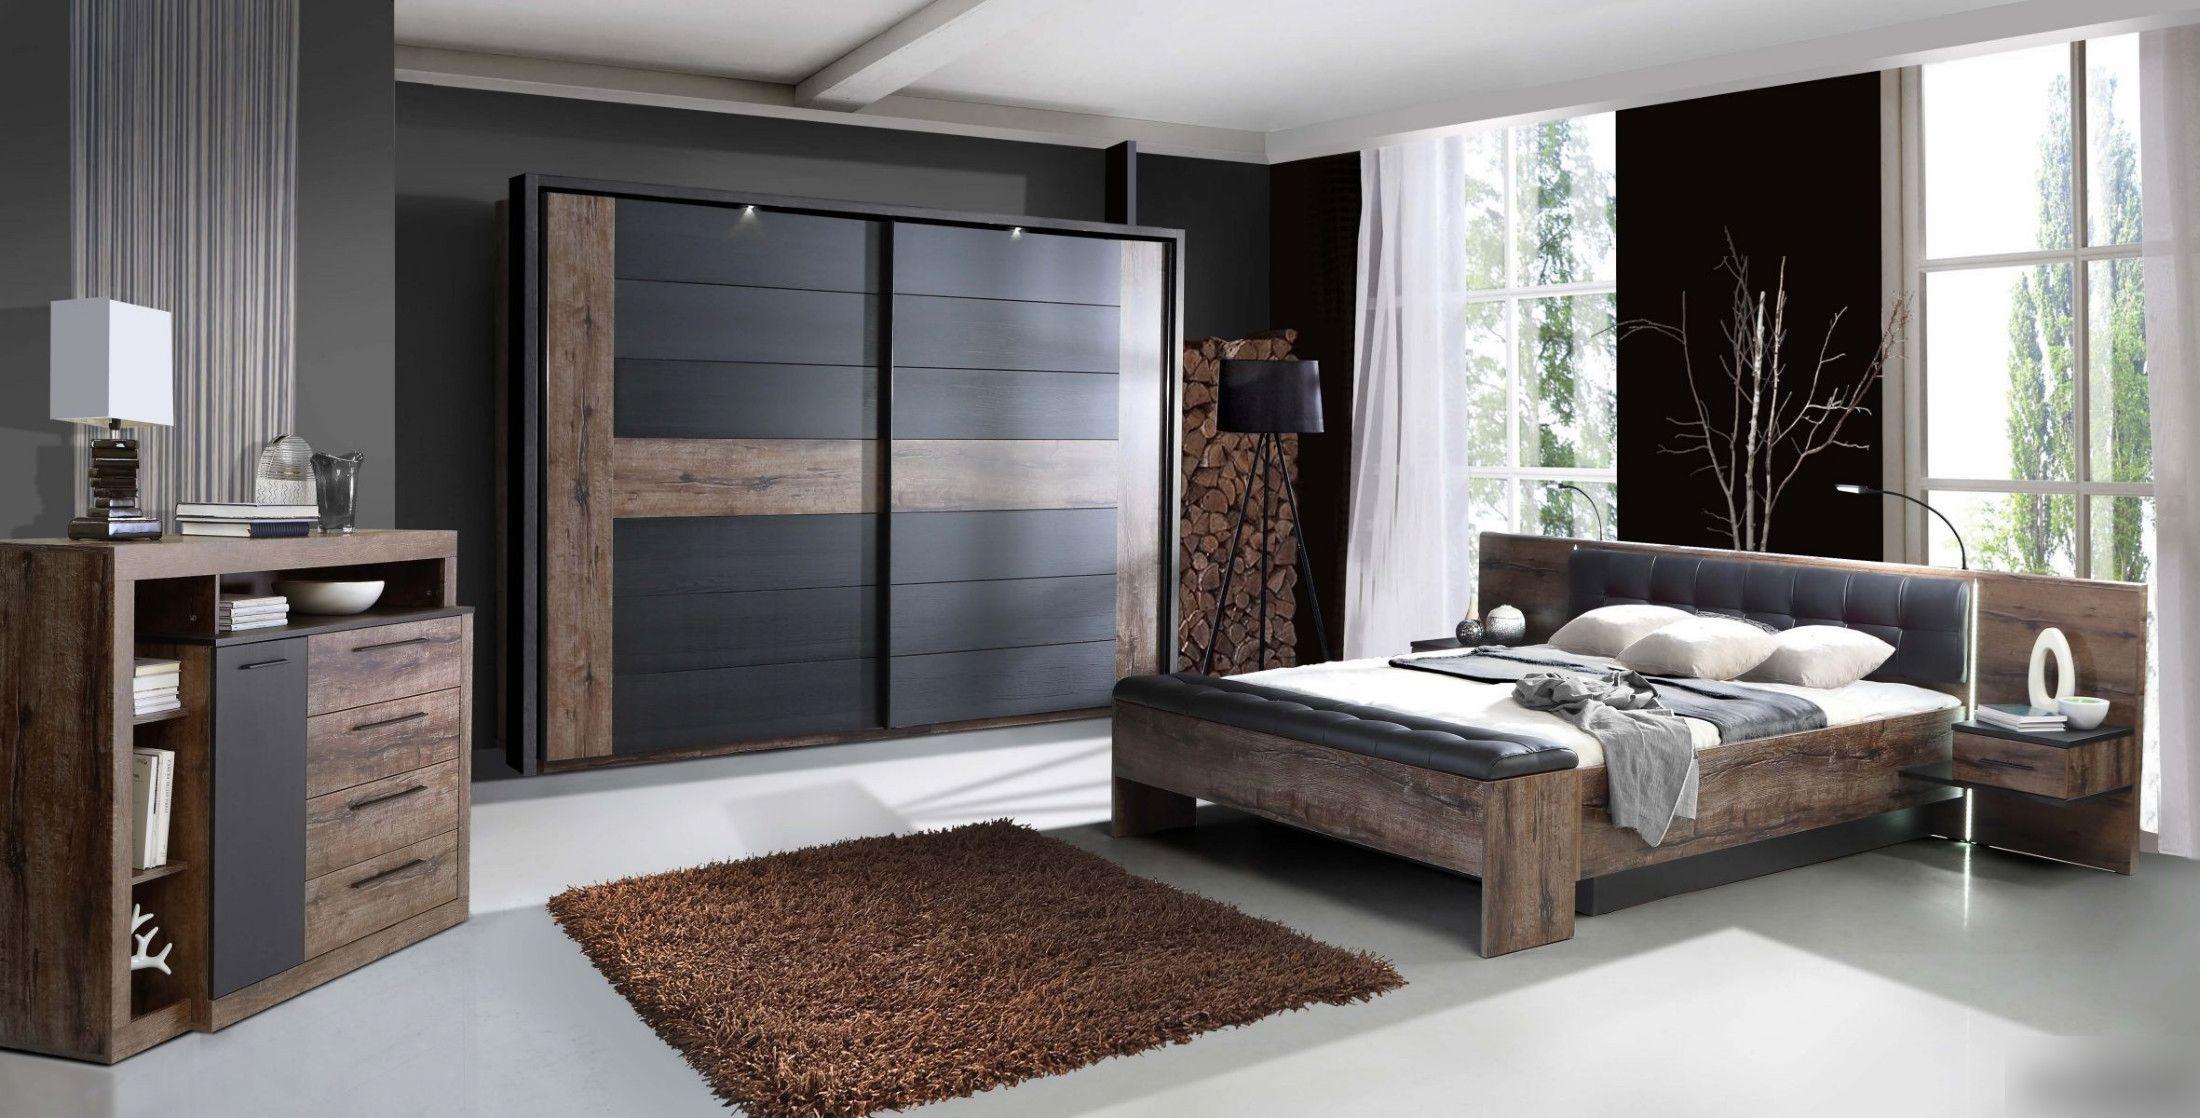 Schlafzimmer Set Mit Bett 180 X 200 Cm Schwarzeiche Woody 77 00735 Holz  Modern